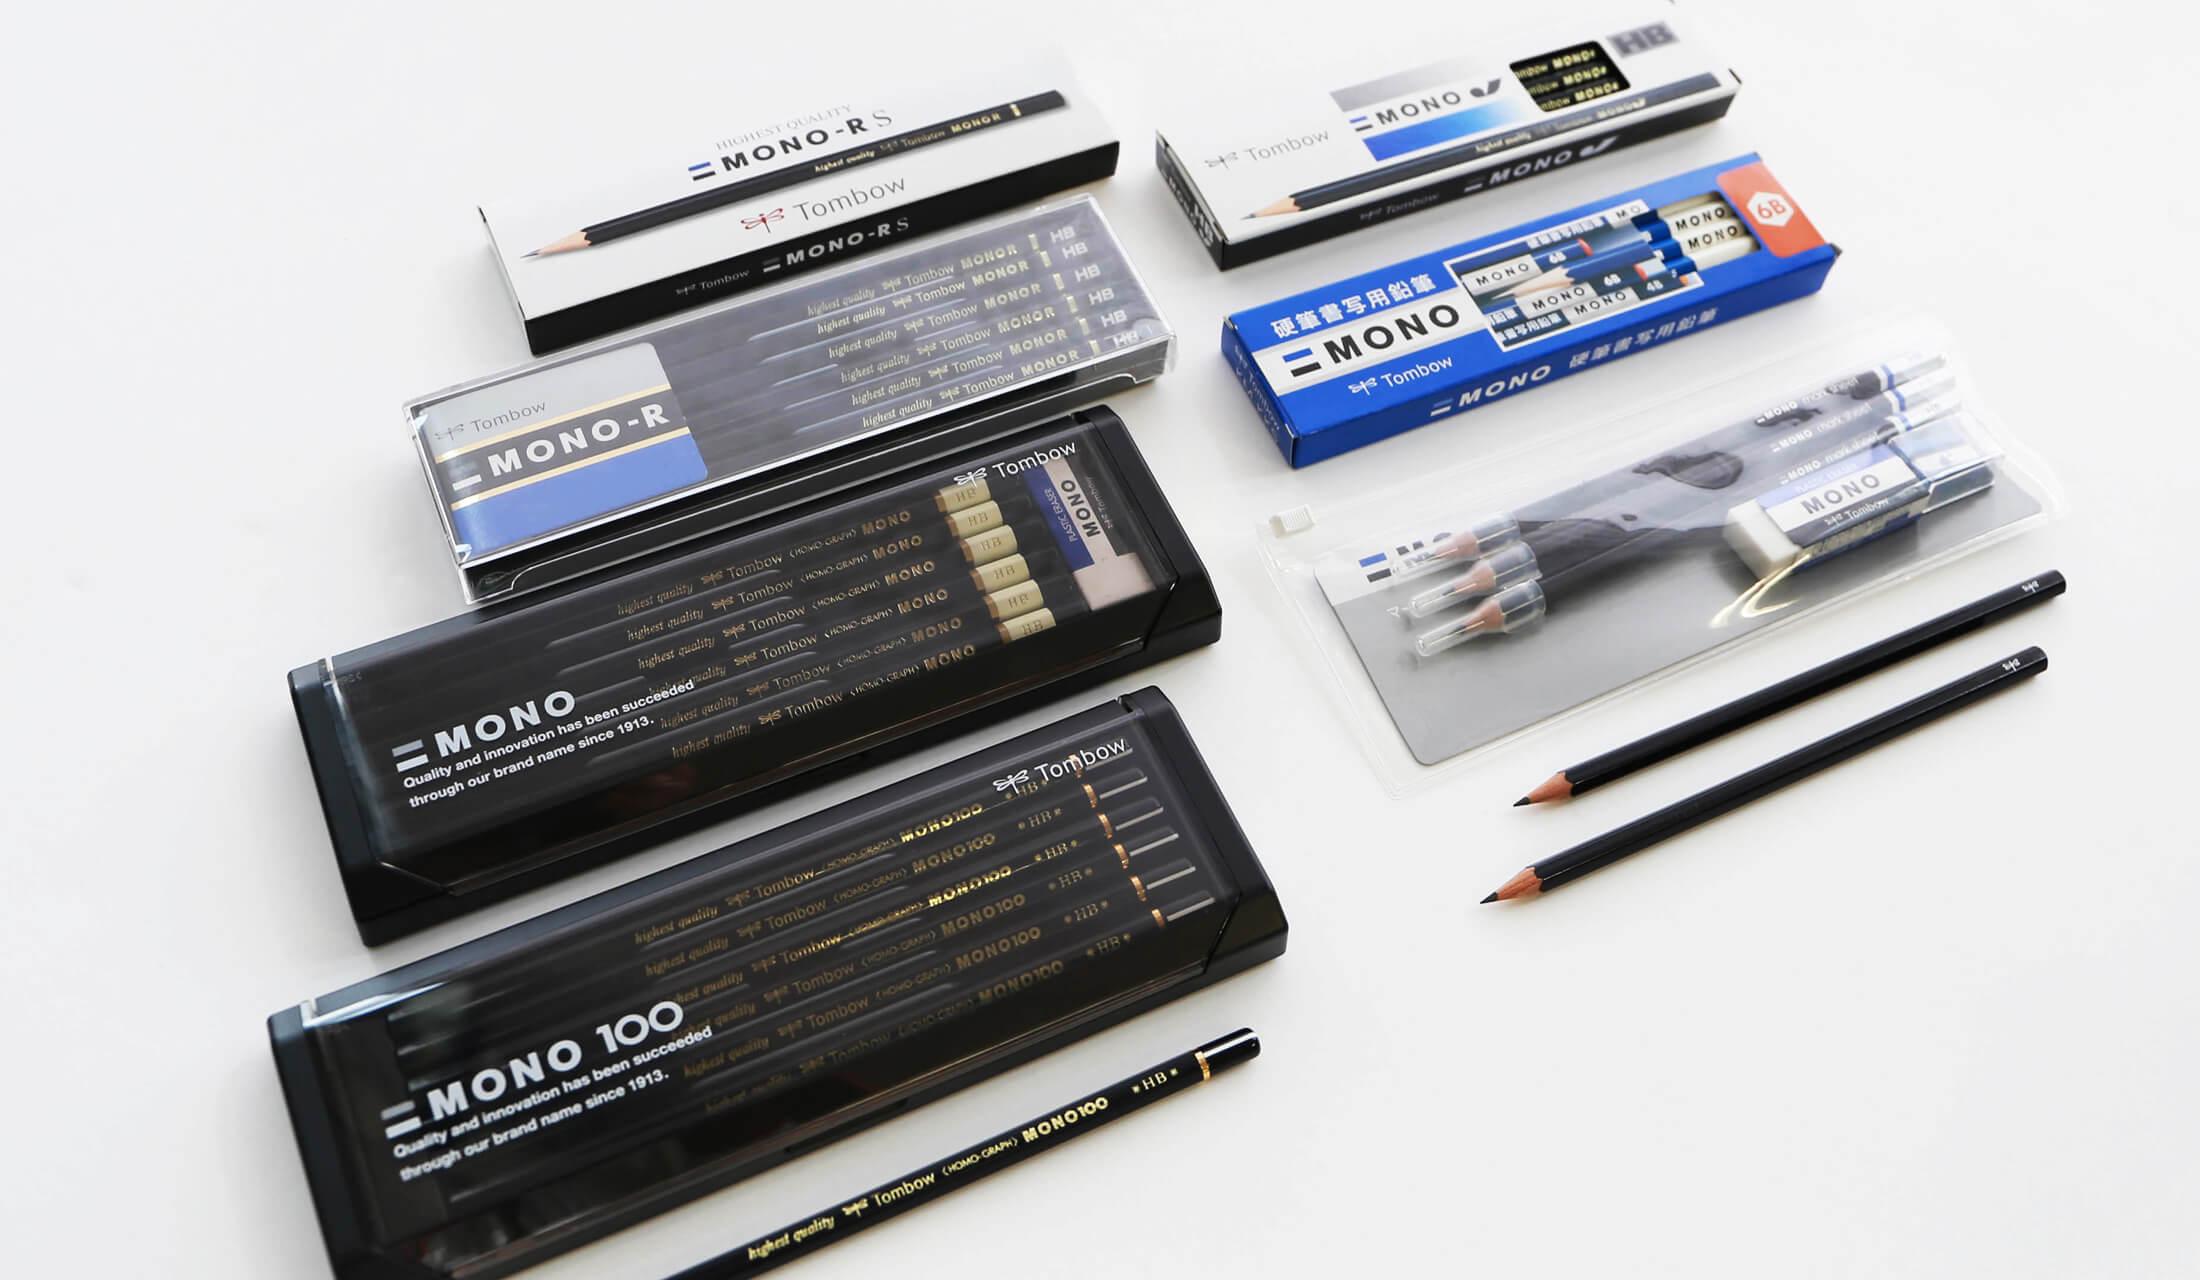 トンボ鉛筆が販売する「MONO J」や「MONO R」などのMONOシリーズの鉛筆が並ぶ